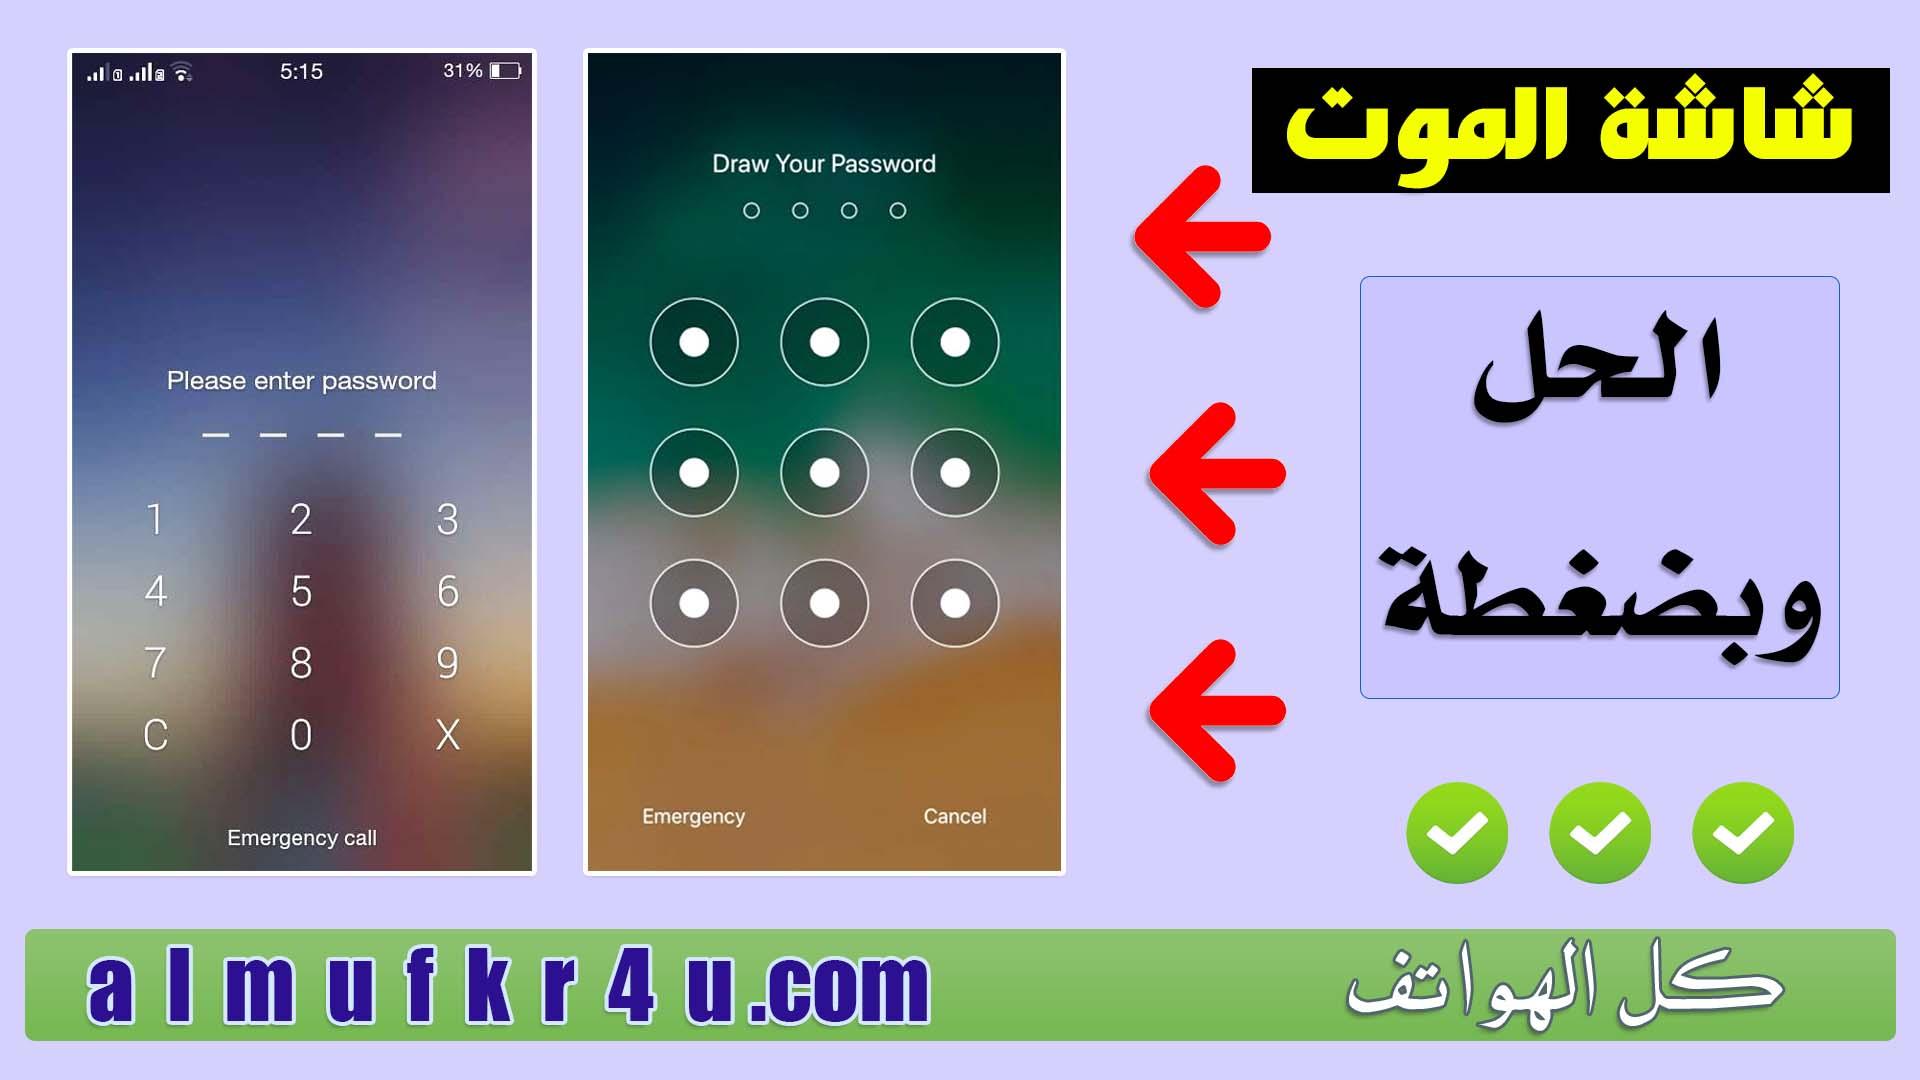 كيفية حل مشكلة نسيان قفل شاشة الهاتف في جميع الهواتف نمط / كلمة مرور / PIN | حل مشكلة نسيت رمز الهاتف كيف افتحه